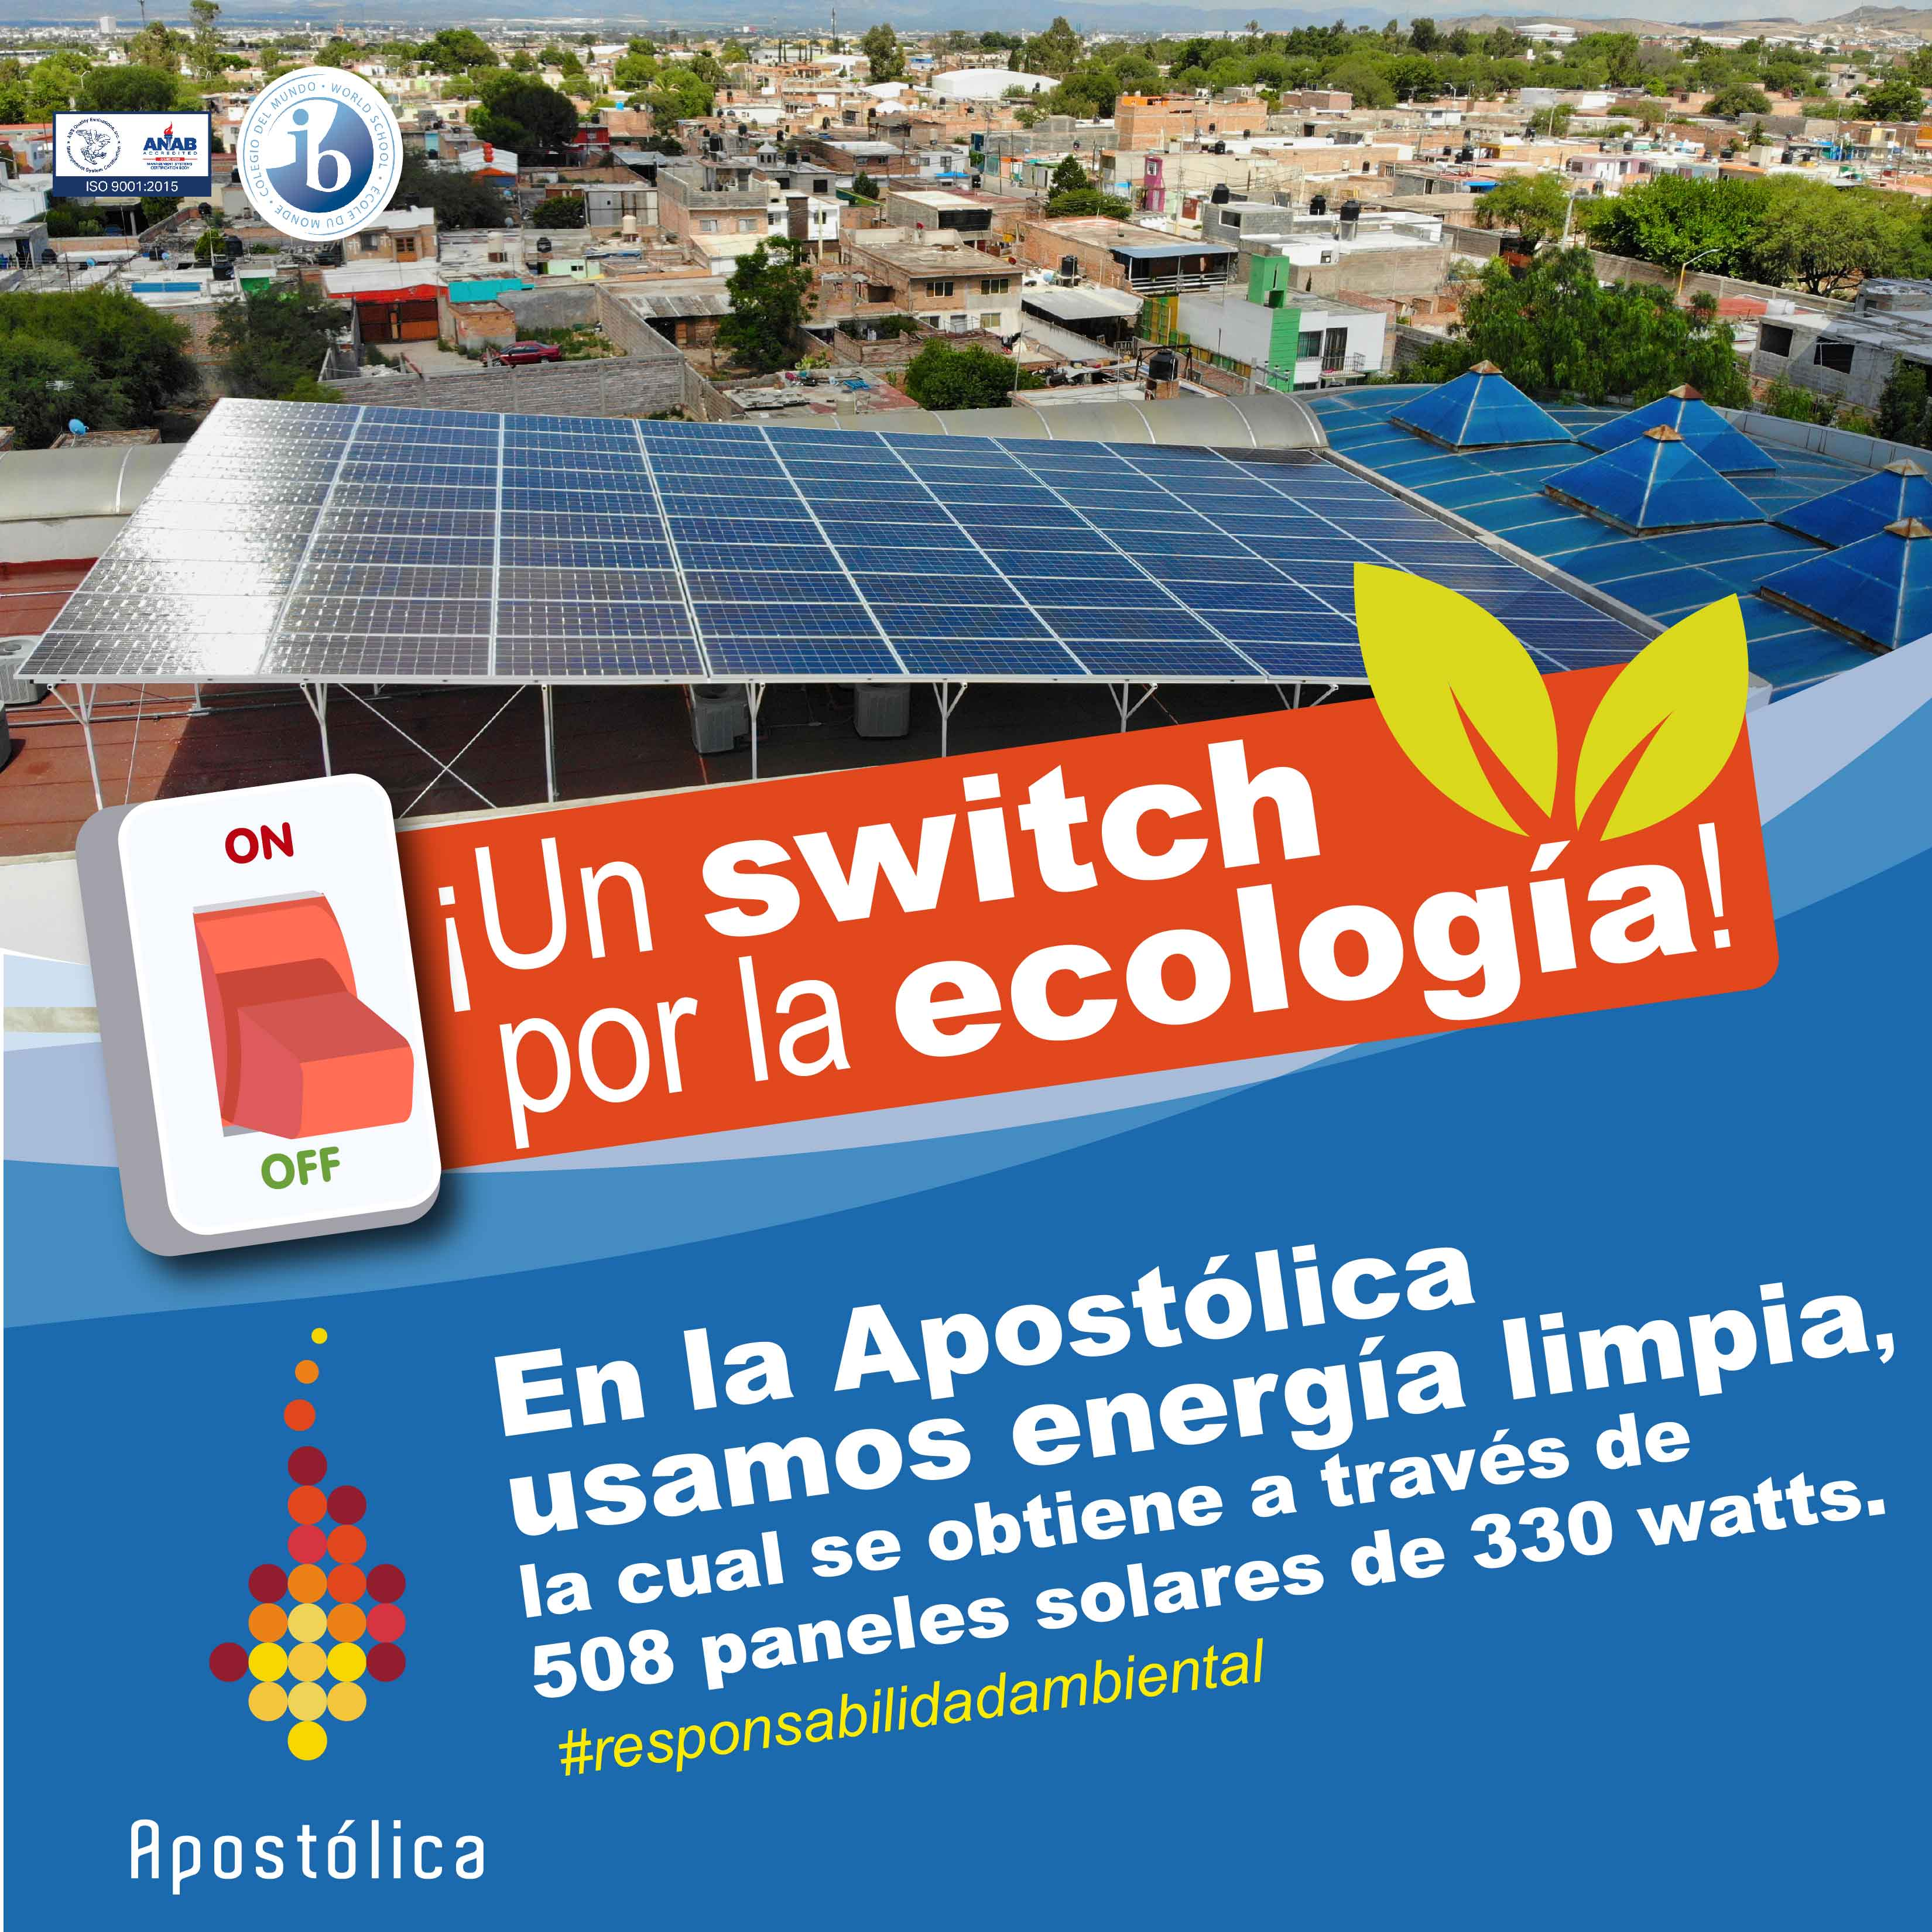 La Apostólica da un switch por la ecología al instalar paneles solares y utilizar energía limpia.